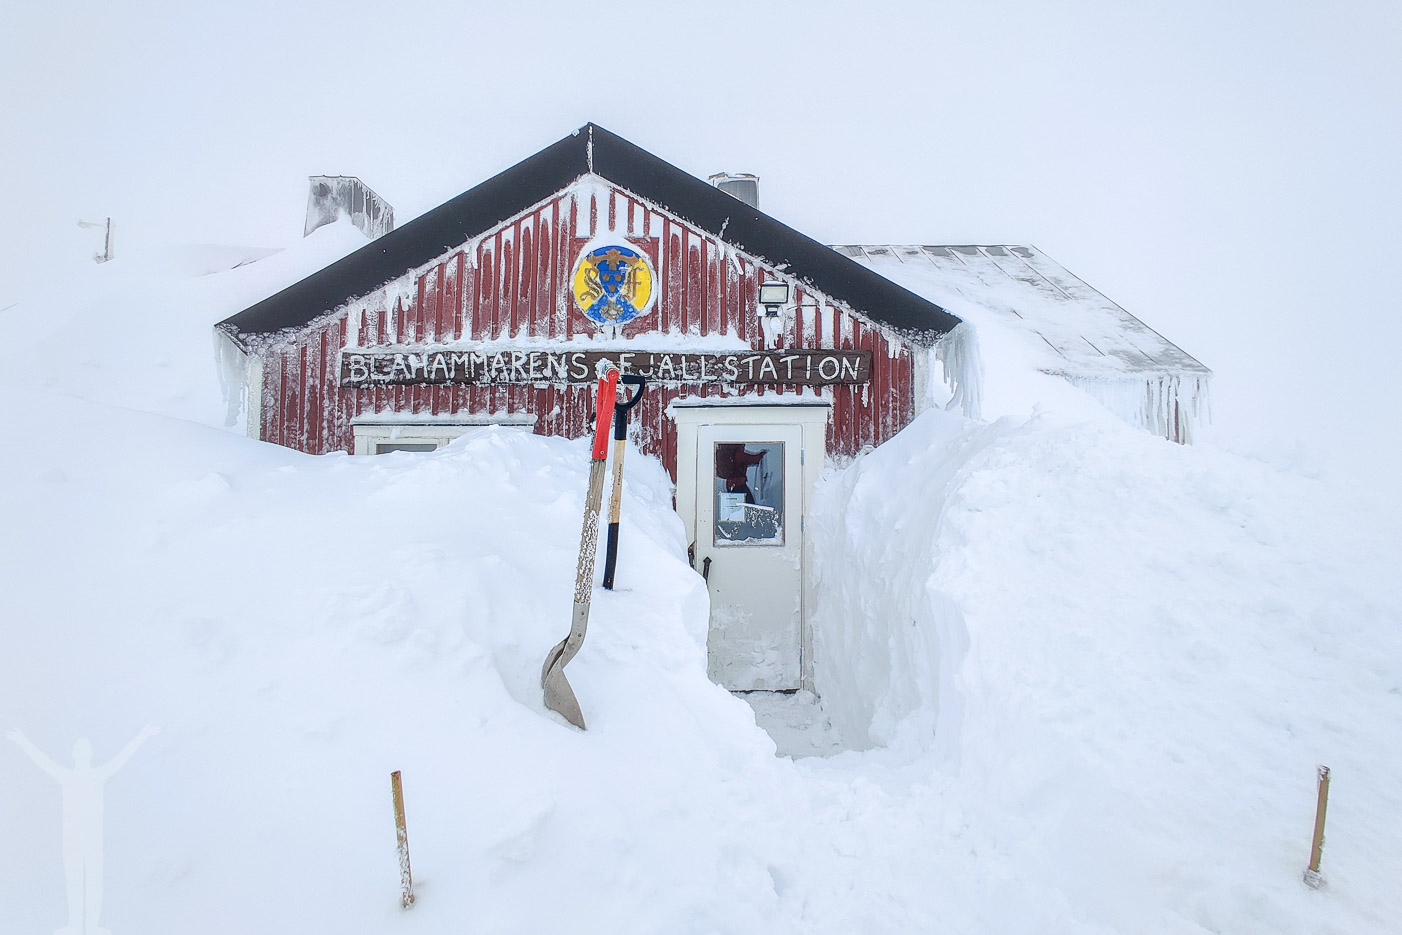 Blåhammaren Fjällstation, Jämtland